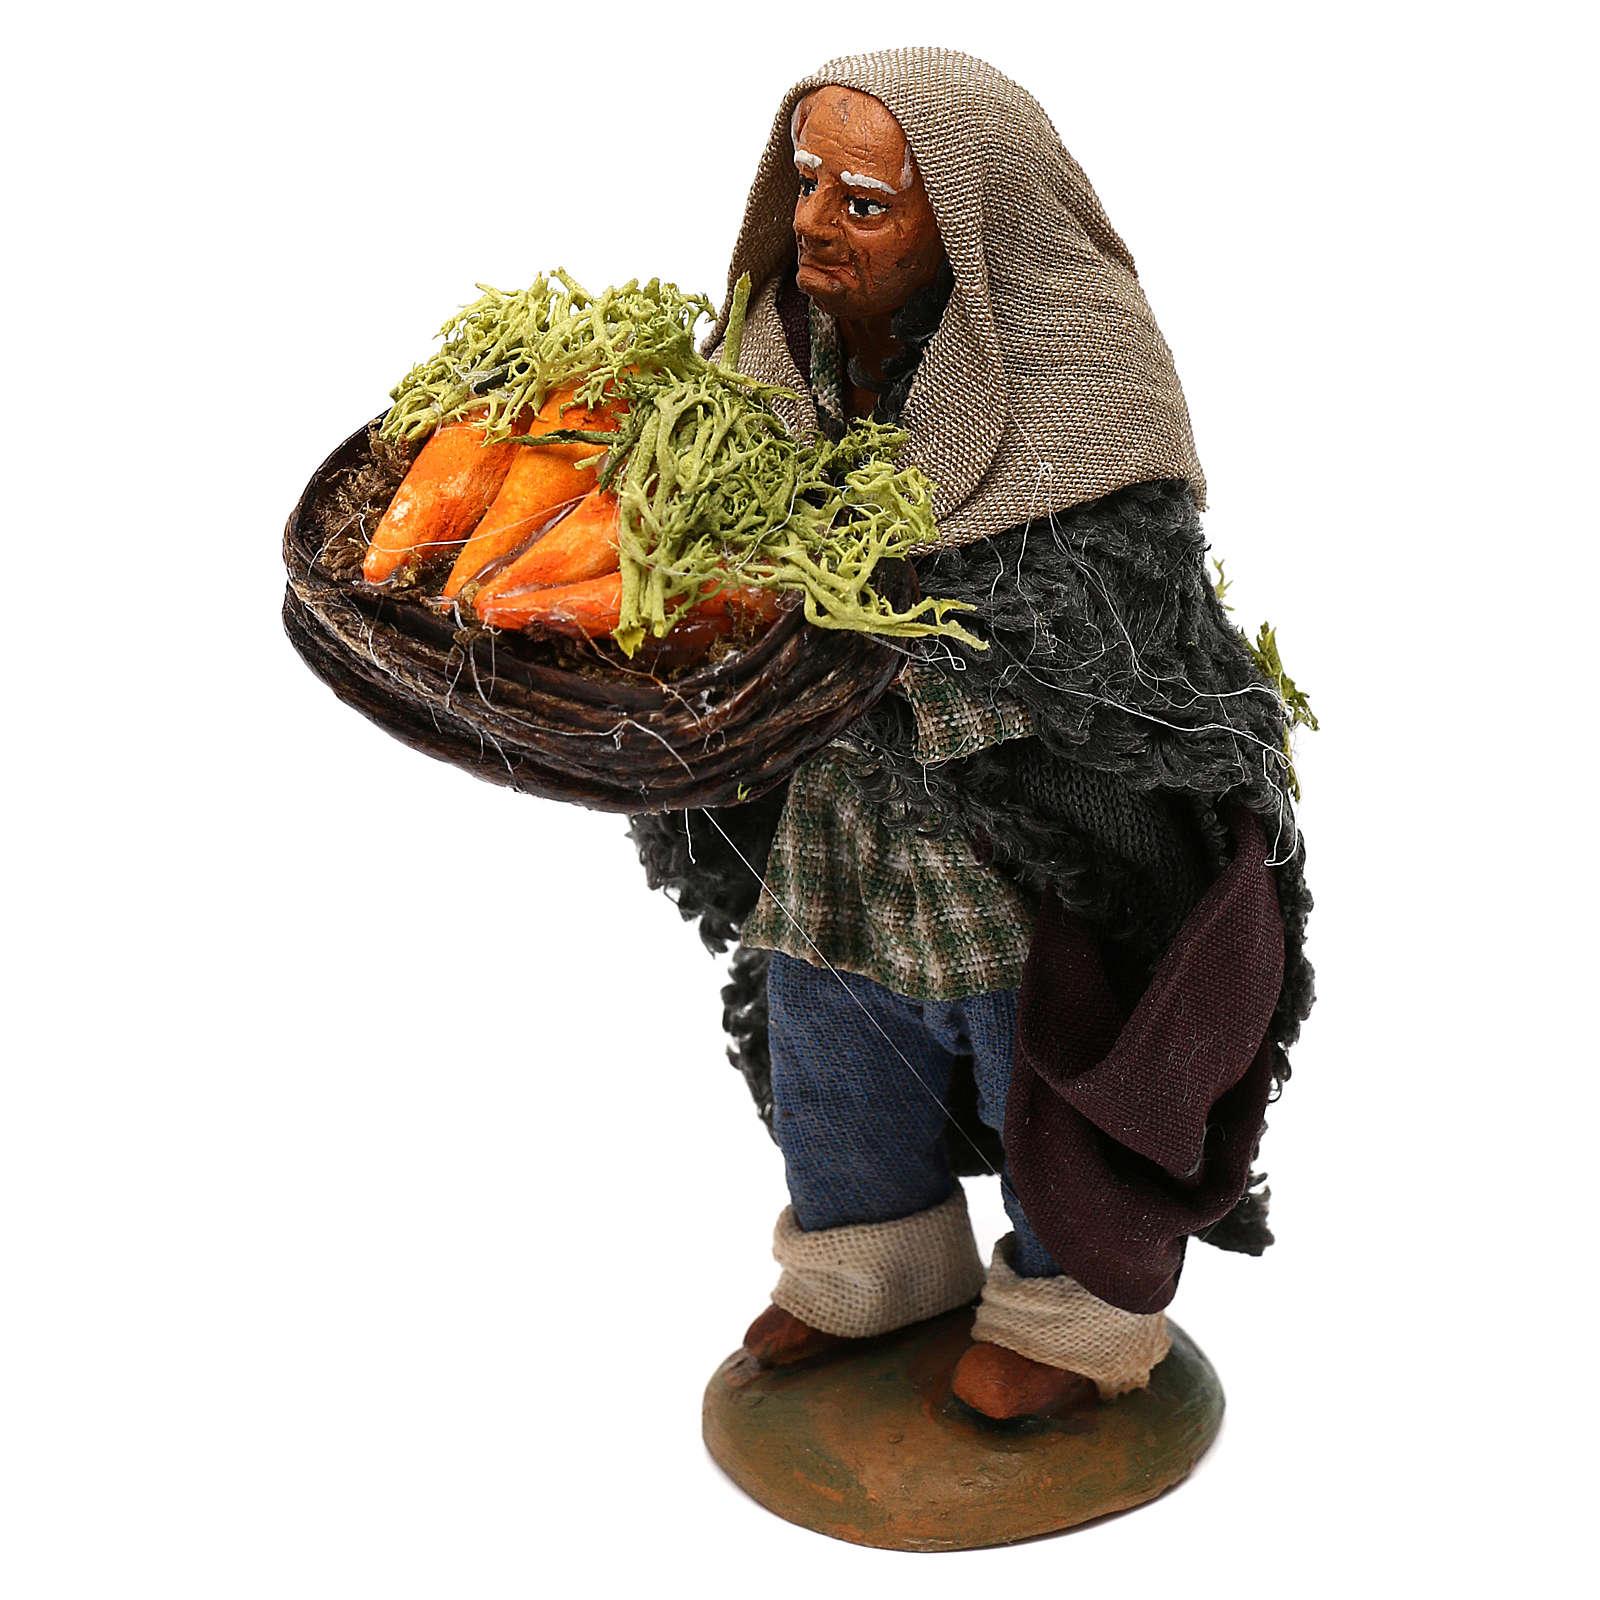 STOCK Pastore con cesto carote vestito in terracotta di 10 cm Presepe Napoletano 4